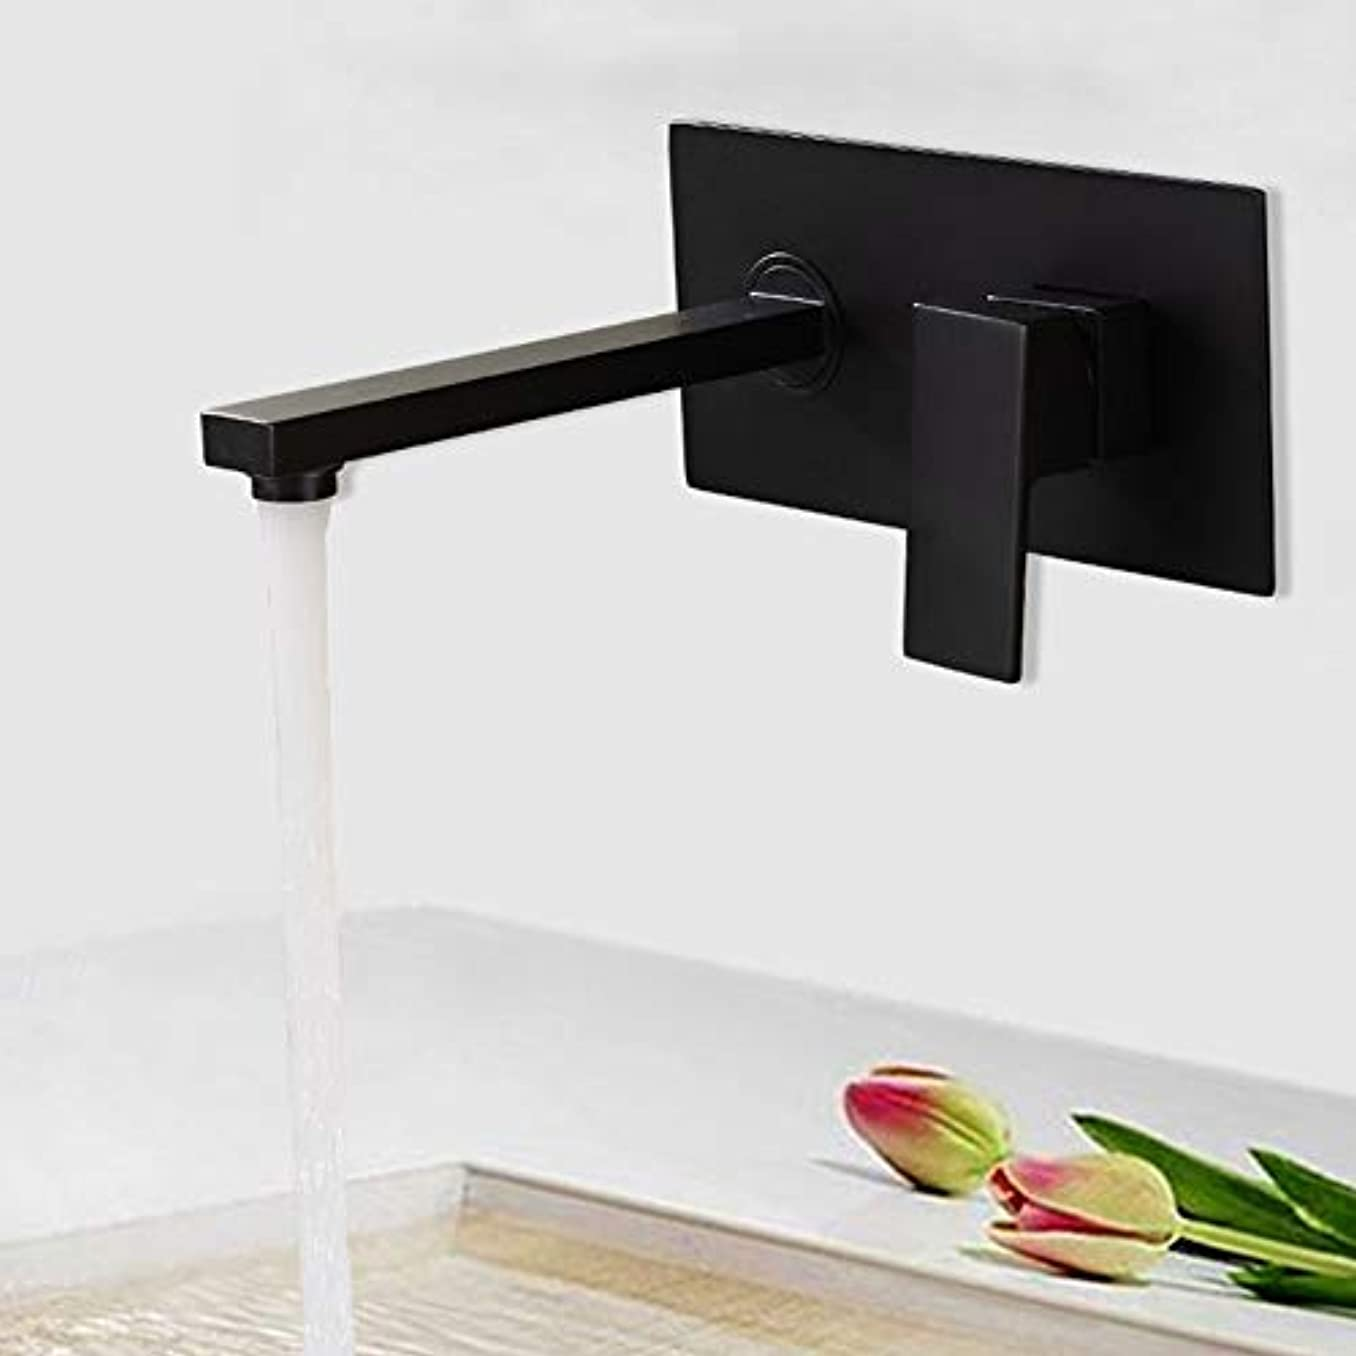 でも敏感なハック黒ビルトイン蛇口、金属銅サンディングヘッド、壁掛け式洗面台、浴室用蛇口 作りが精巧である